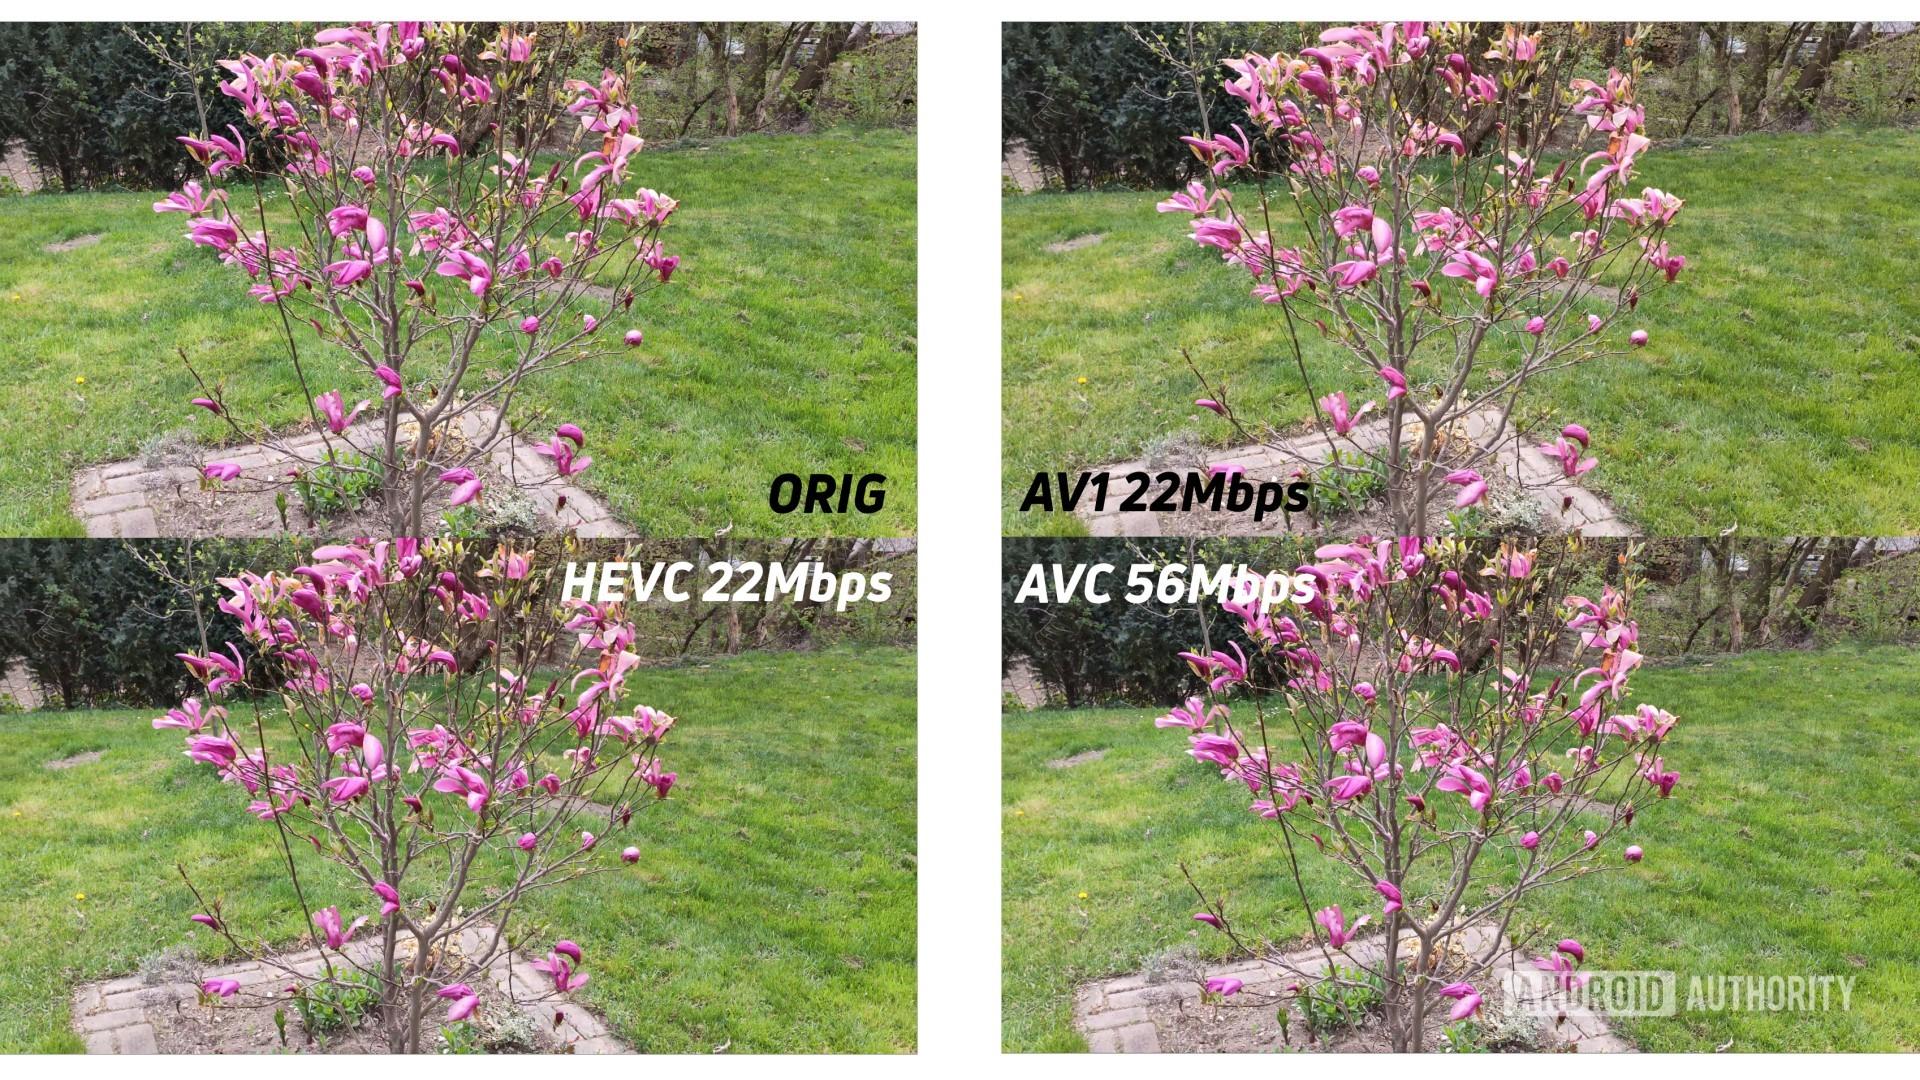 Example of 4k original against AV1 HEVC AVC